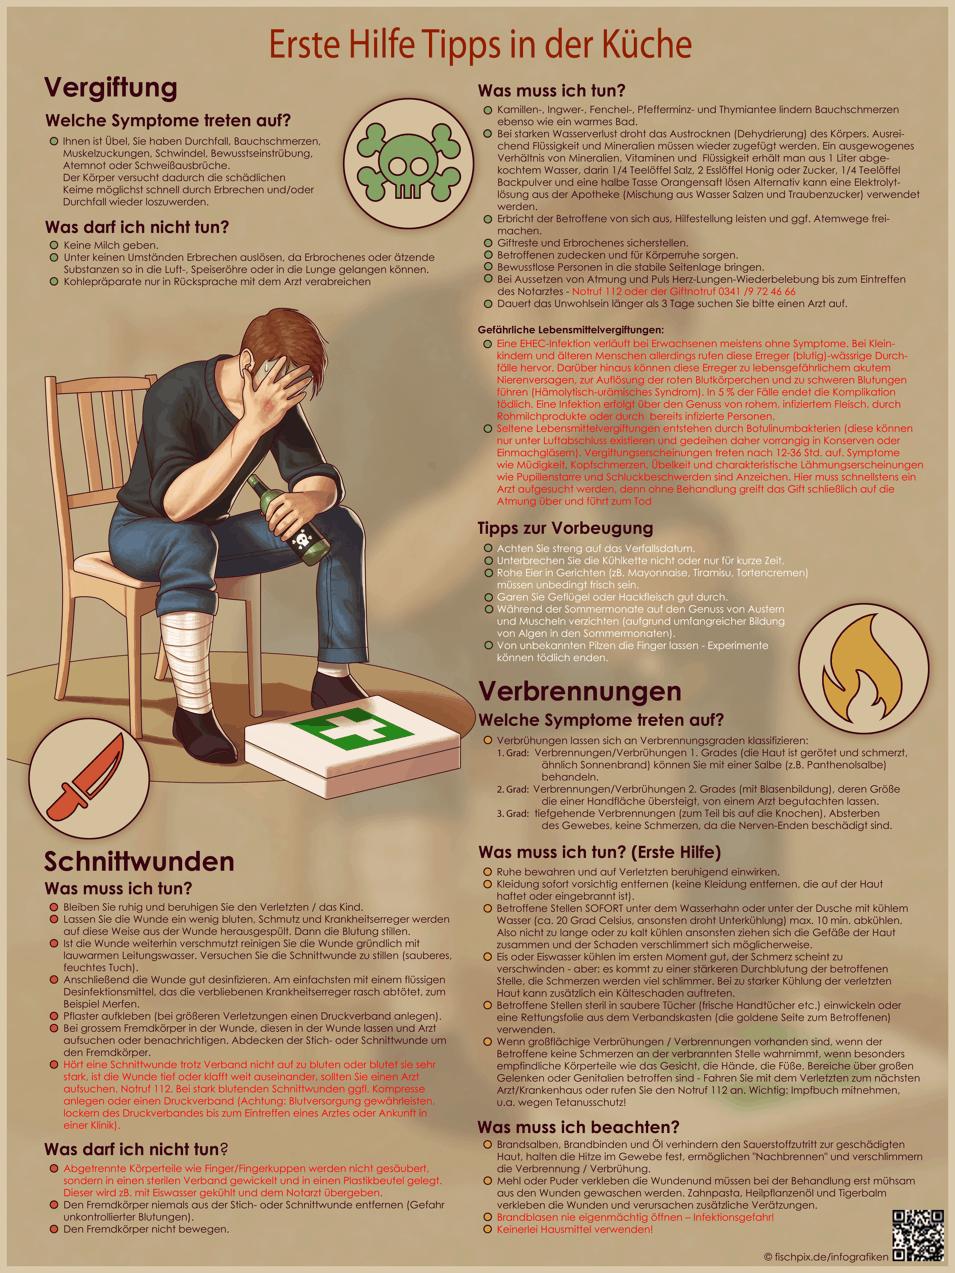 Verletzungen in der Küche: Wichtige Tipps zur Ersten Hilfe!